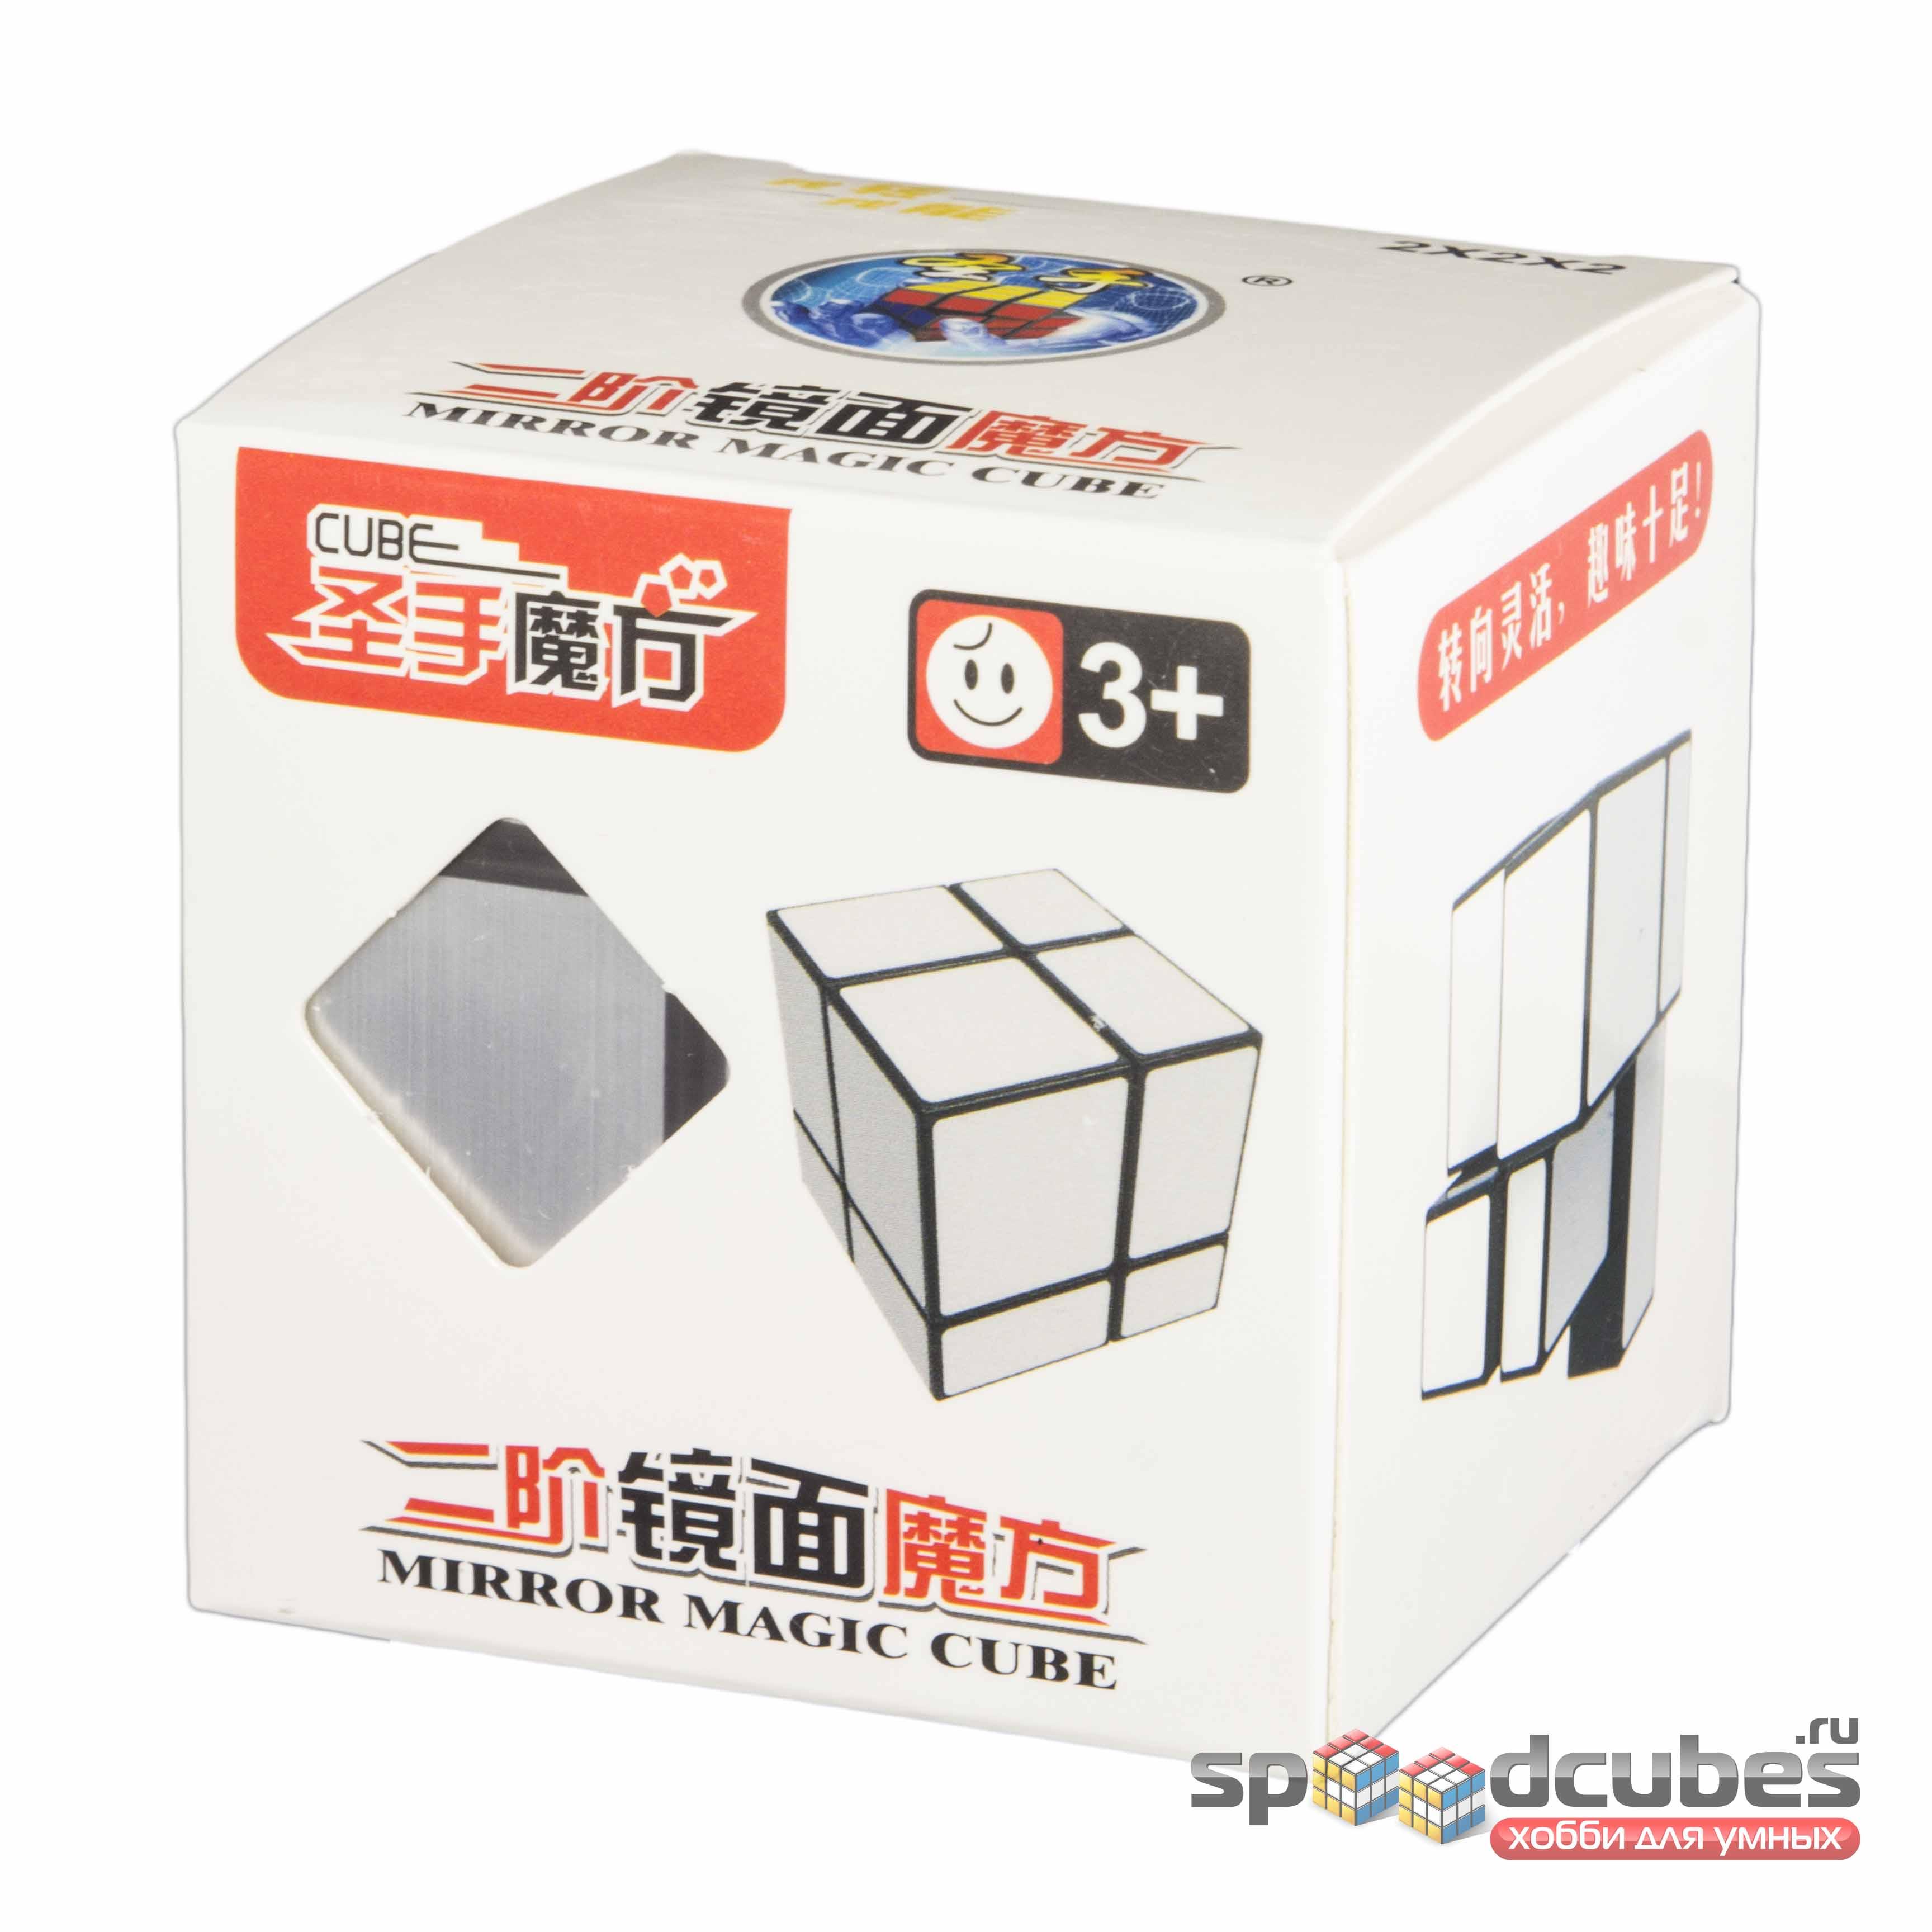 Shengshou 2×2 Mirror Cube 3